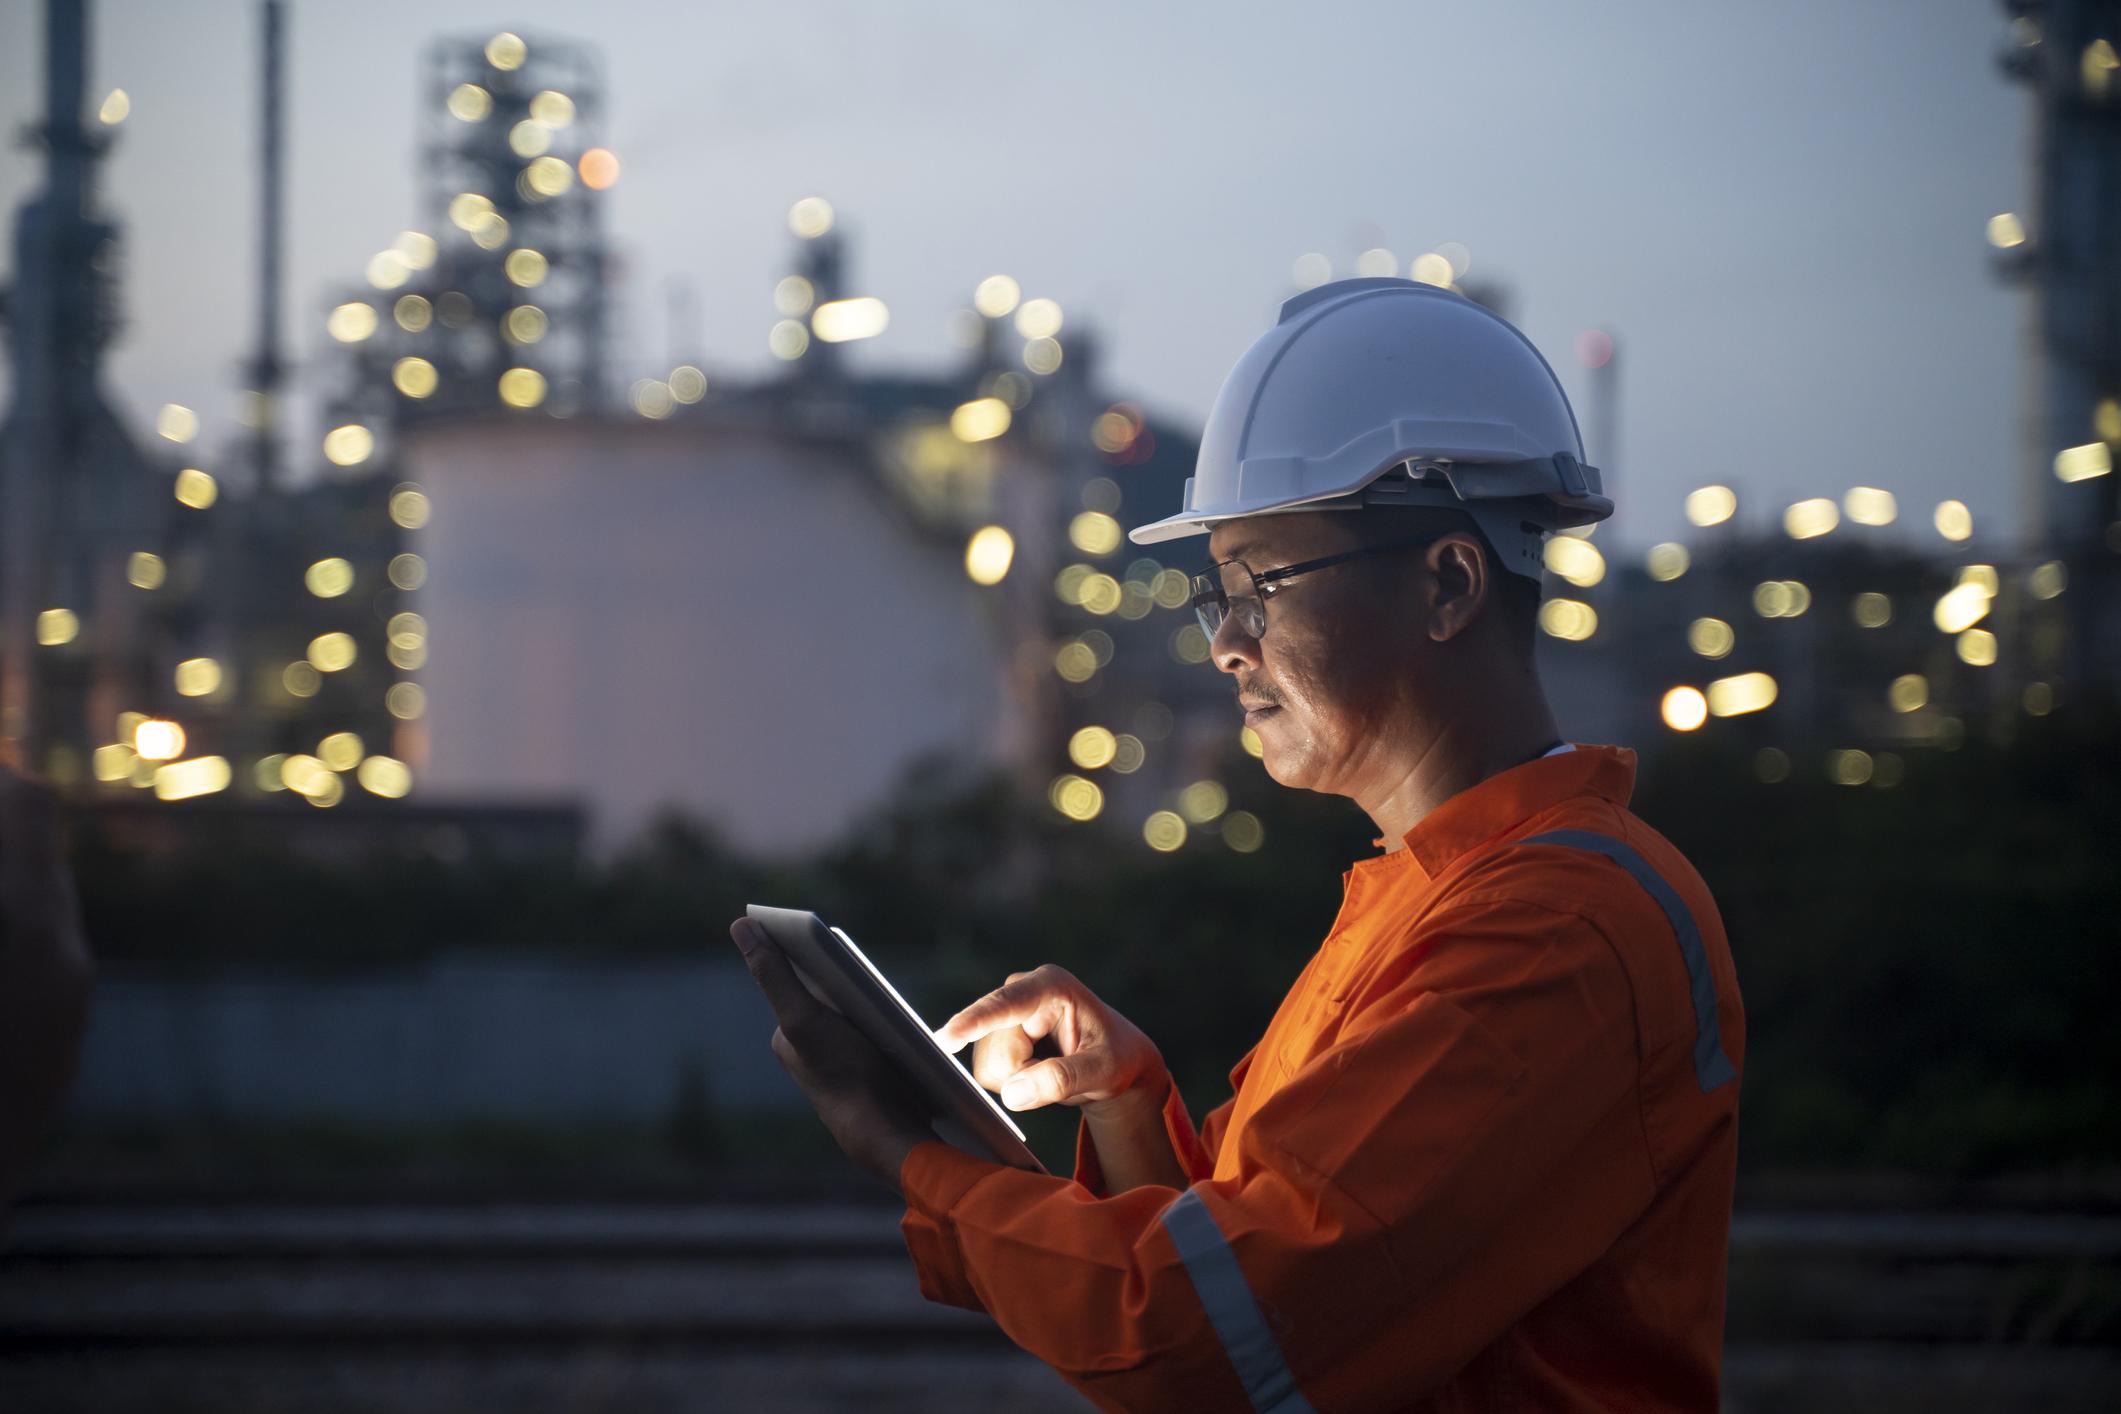 Ingenieur mit Tablet in der Nähe von Ölraffinerie in der Dämmerung